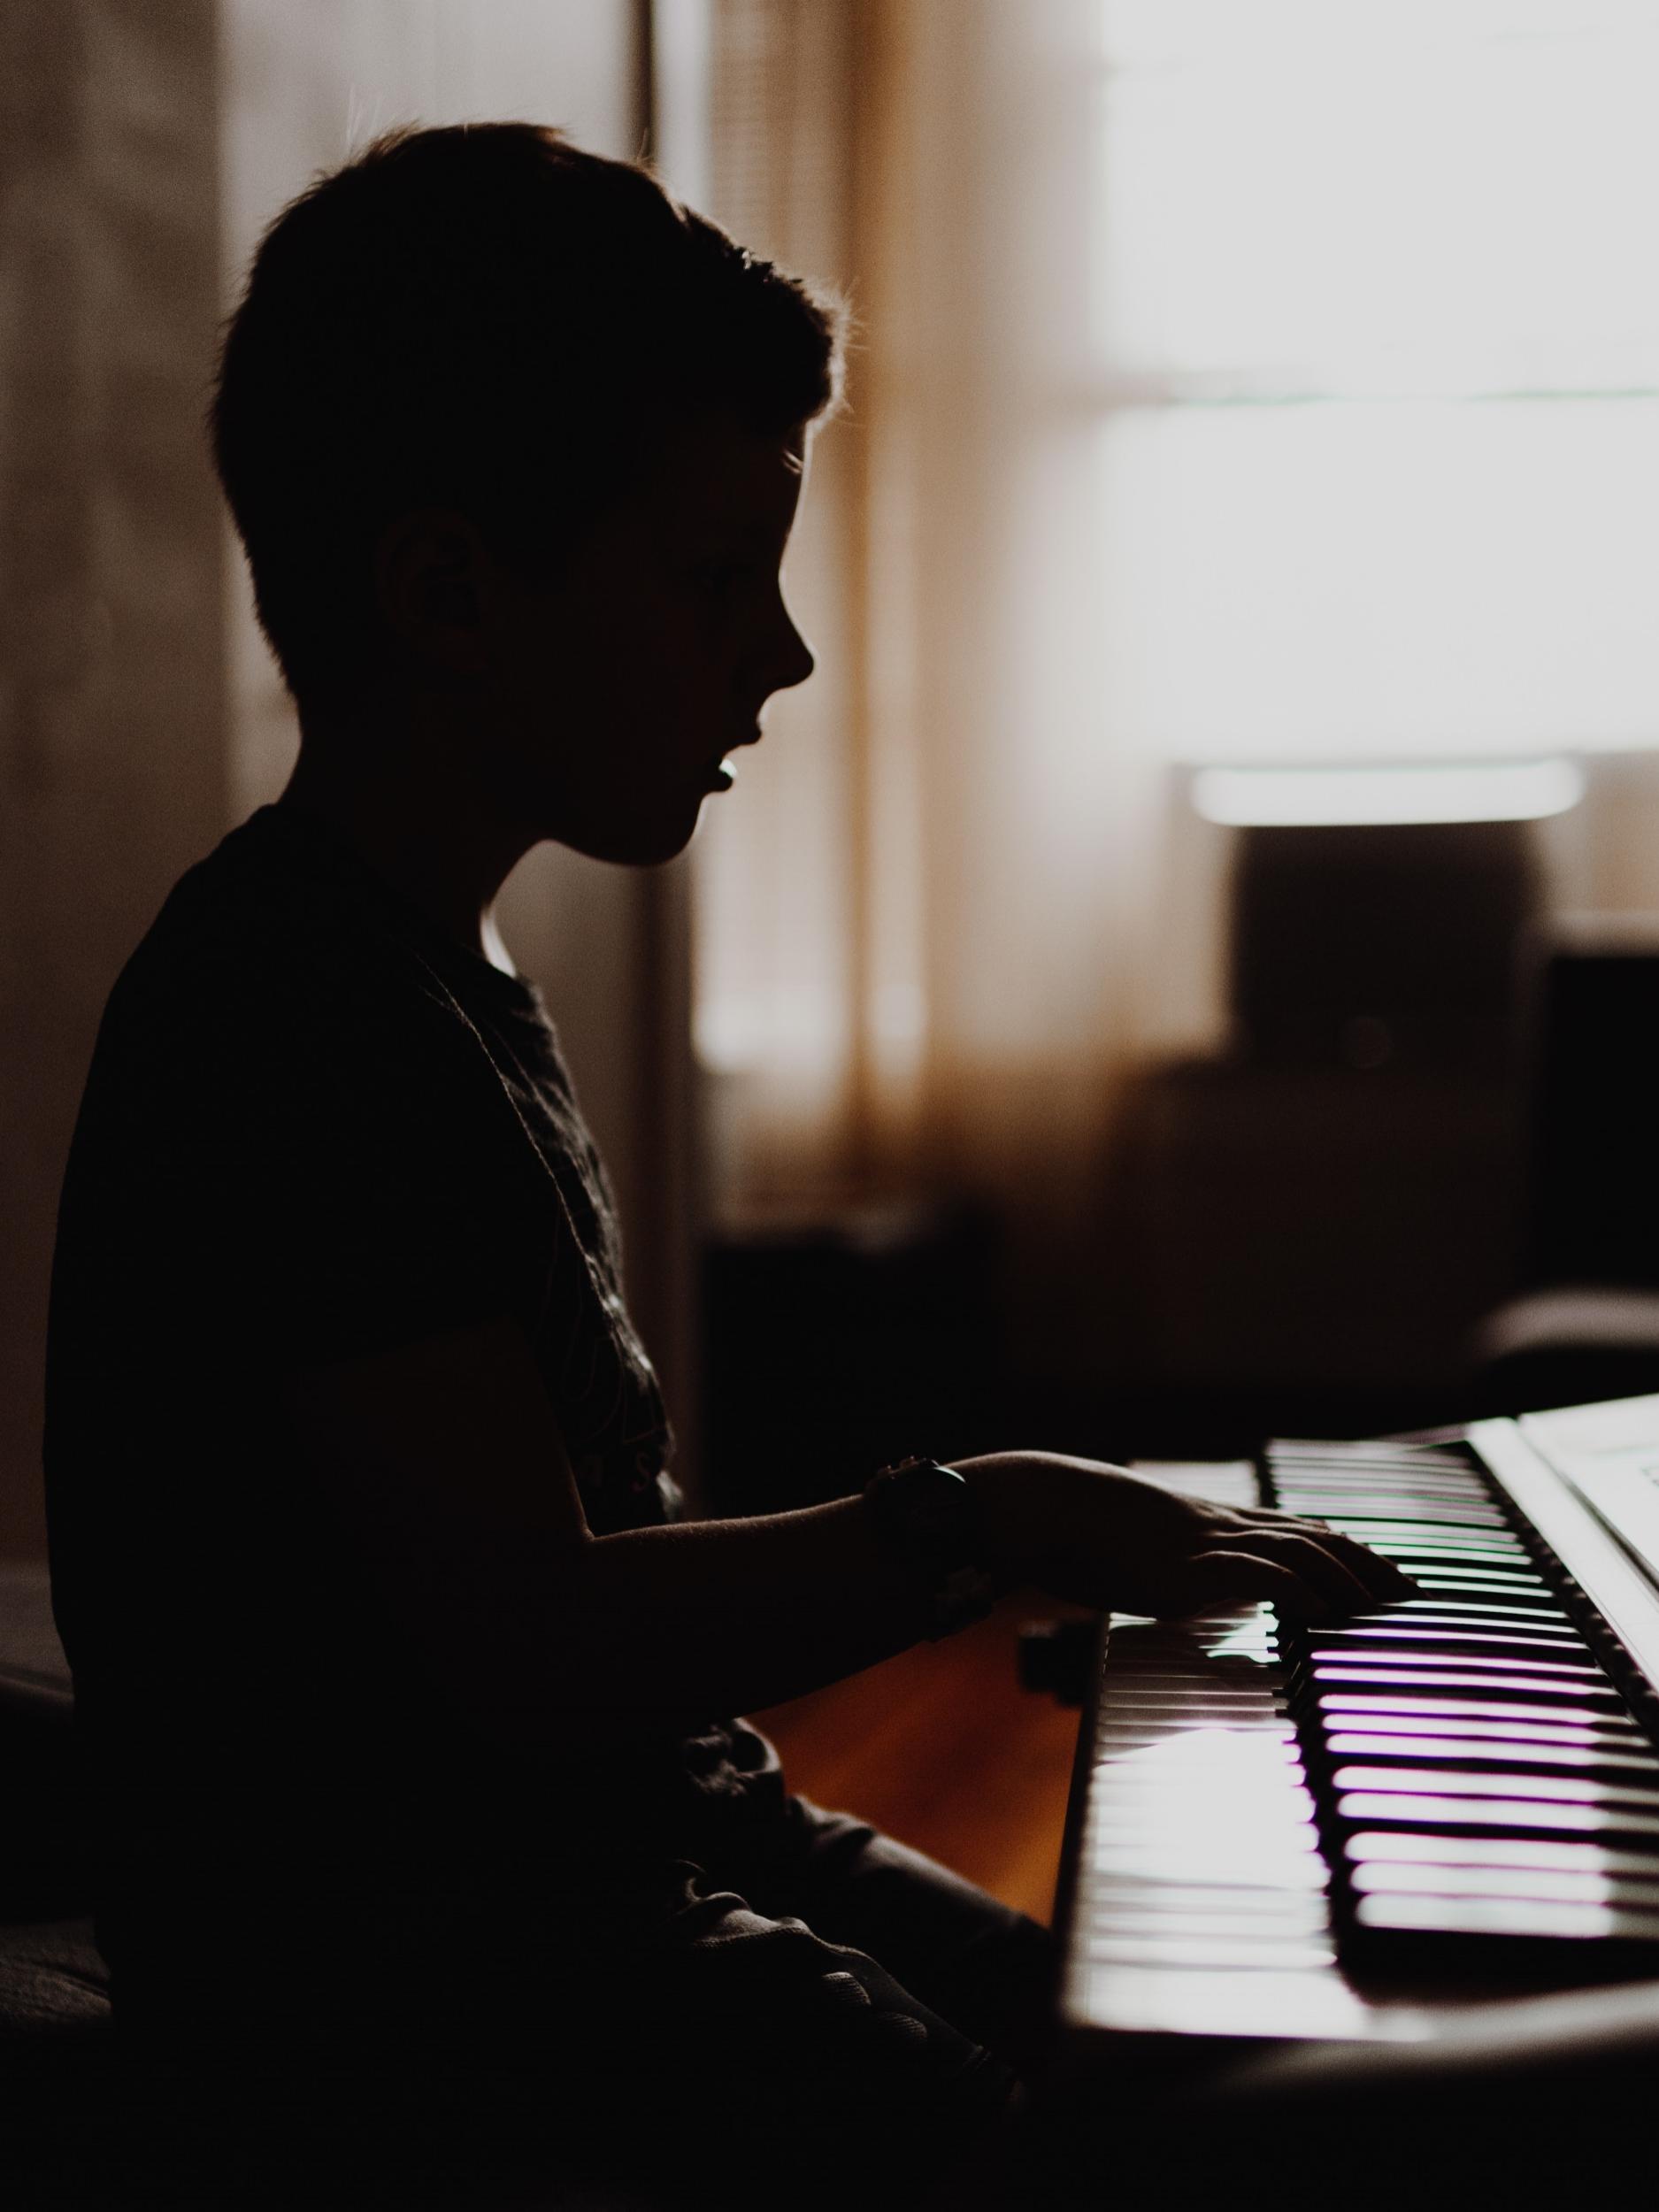 Musica - Los estudiantes aprenden a leer musica y tocar instrumentos.